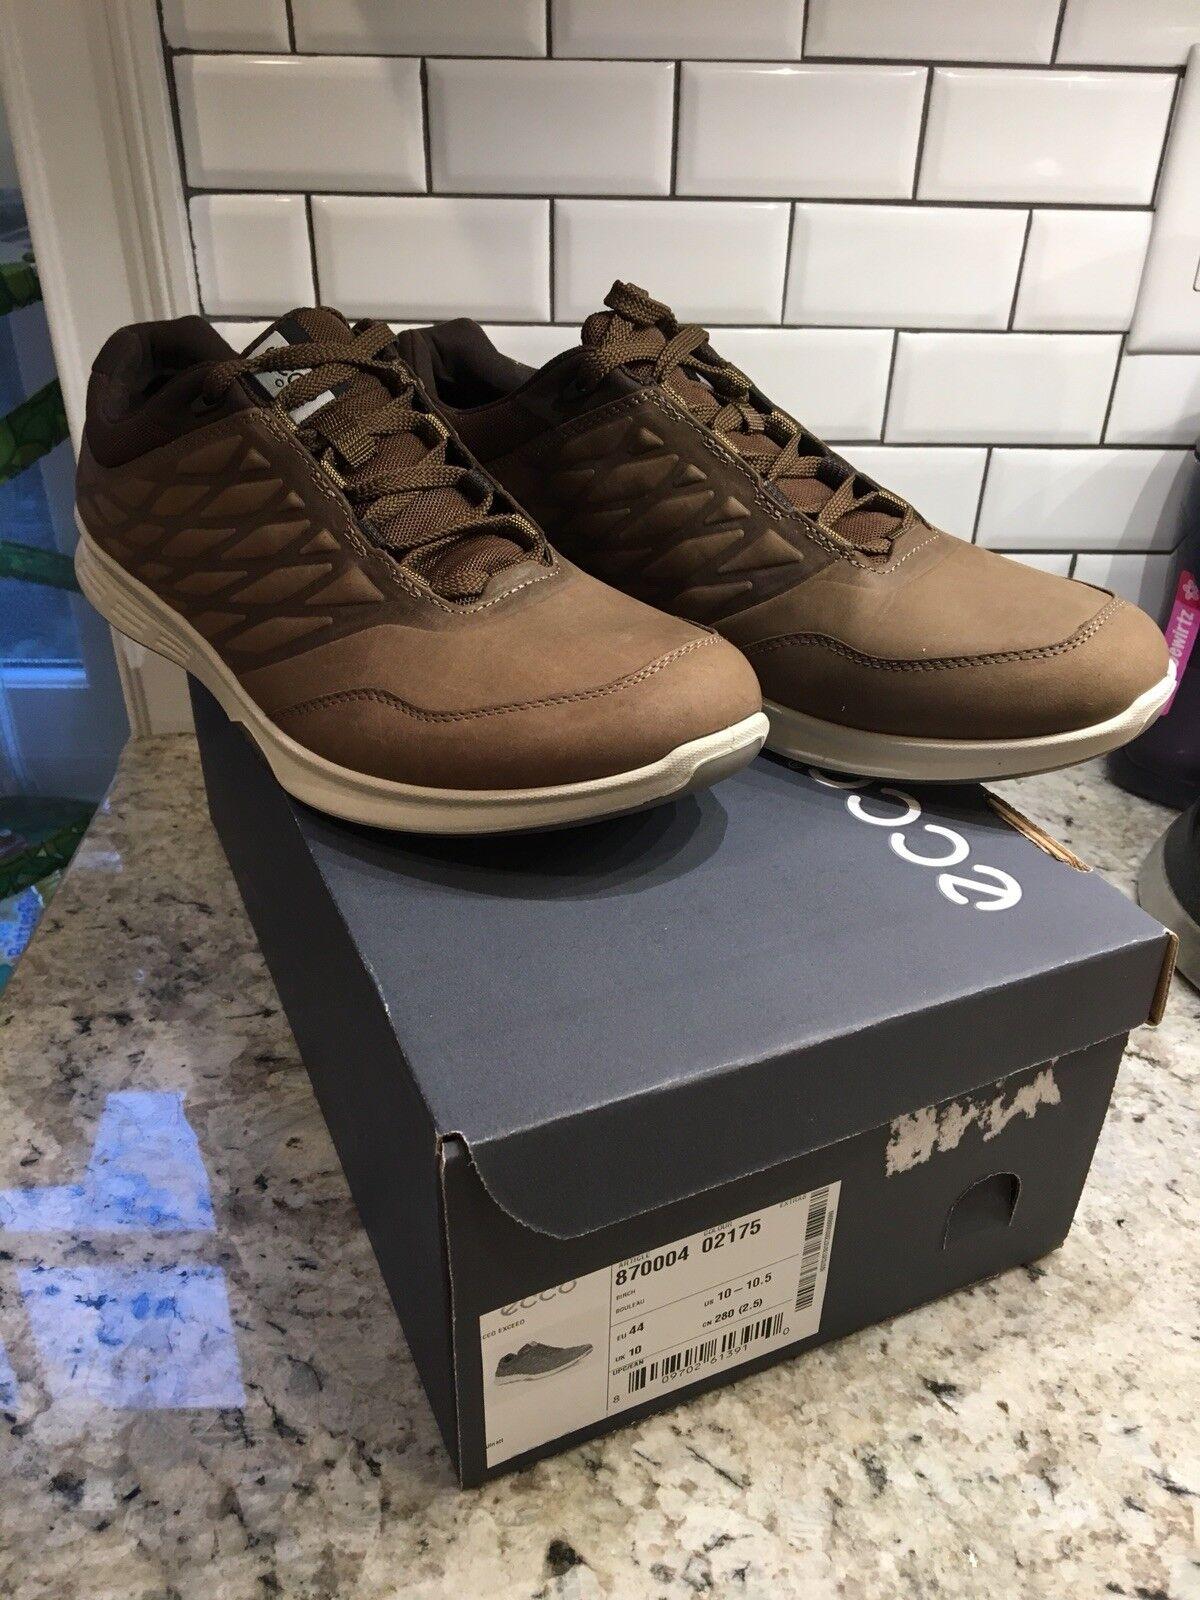 New!  ECCO Exceed Trainer Shoe. EU 44. US 10-10.5.  Birch Brown Yak Pelle.